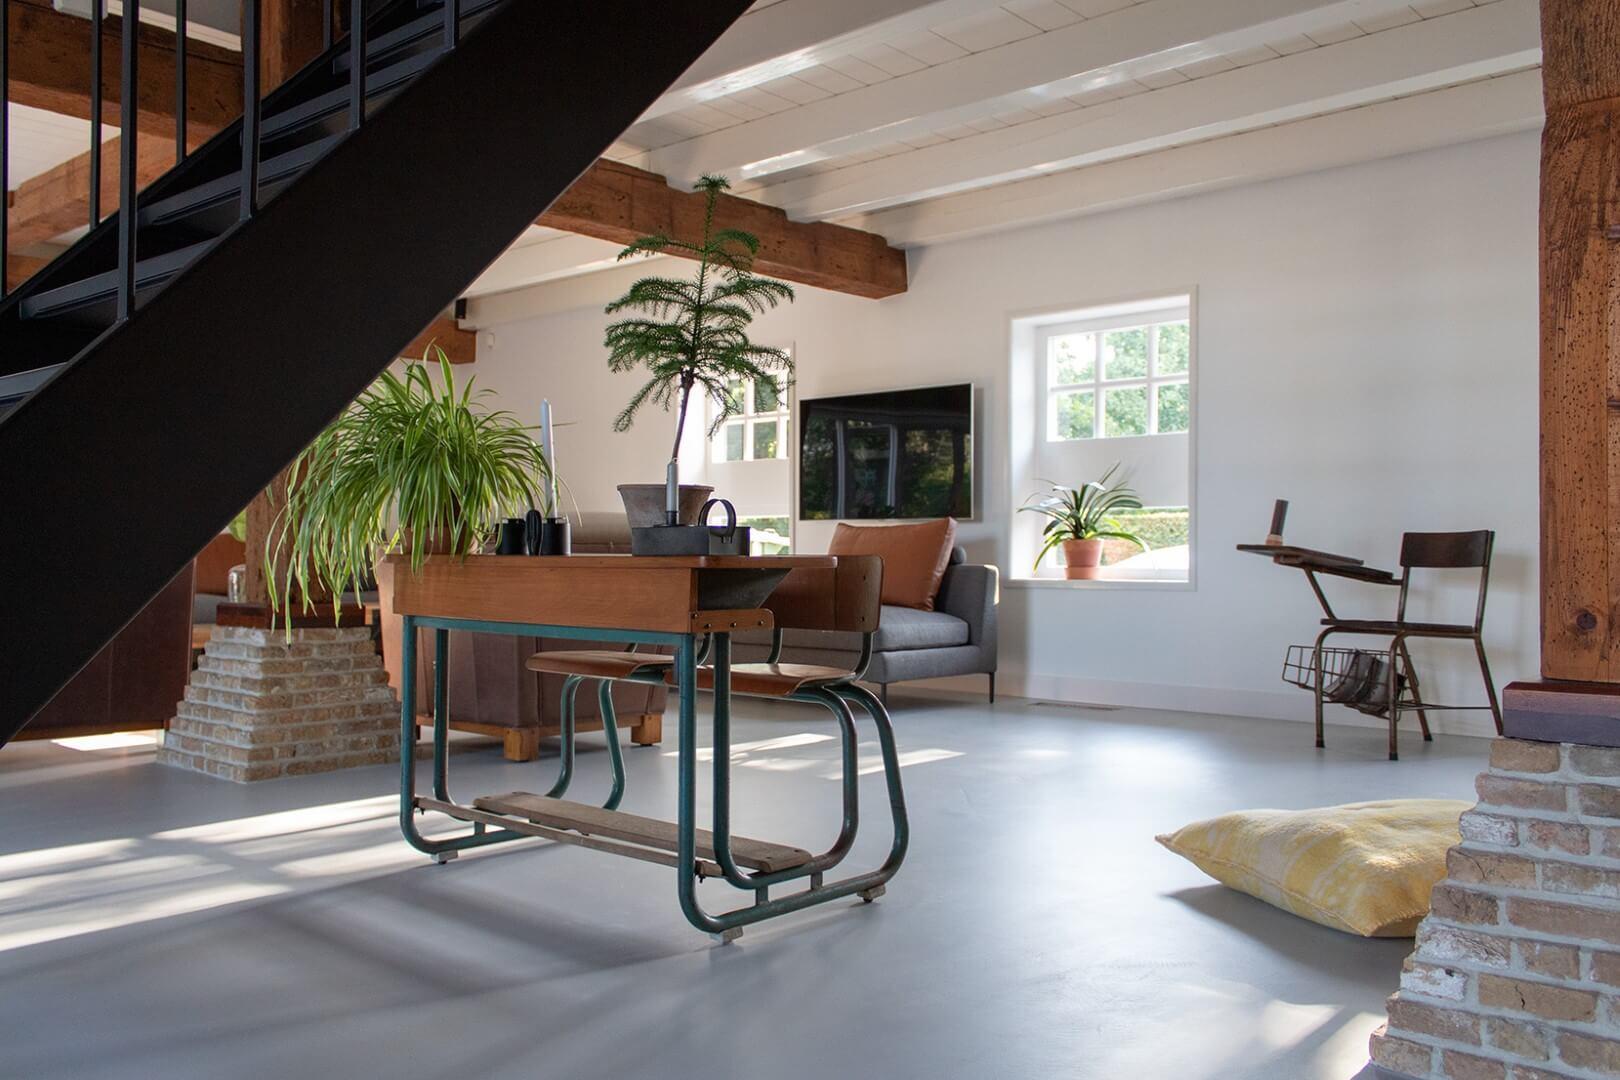 vloer van microcement in woonkamer